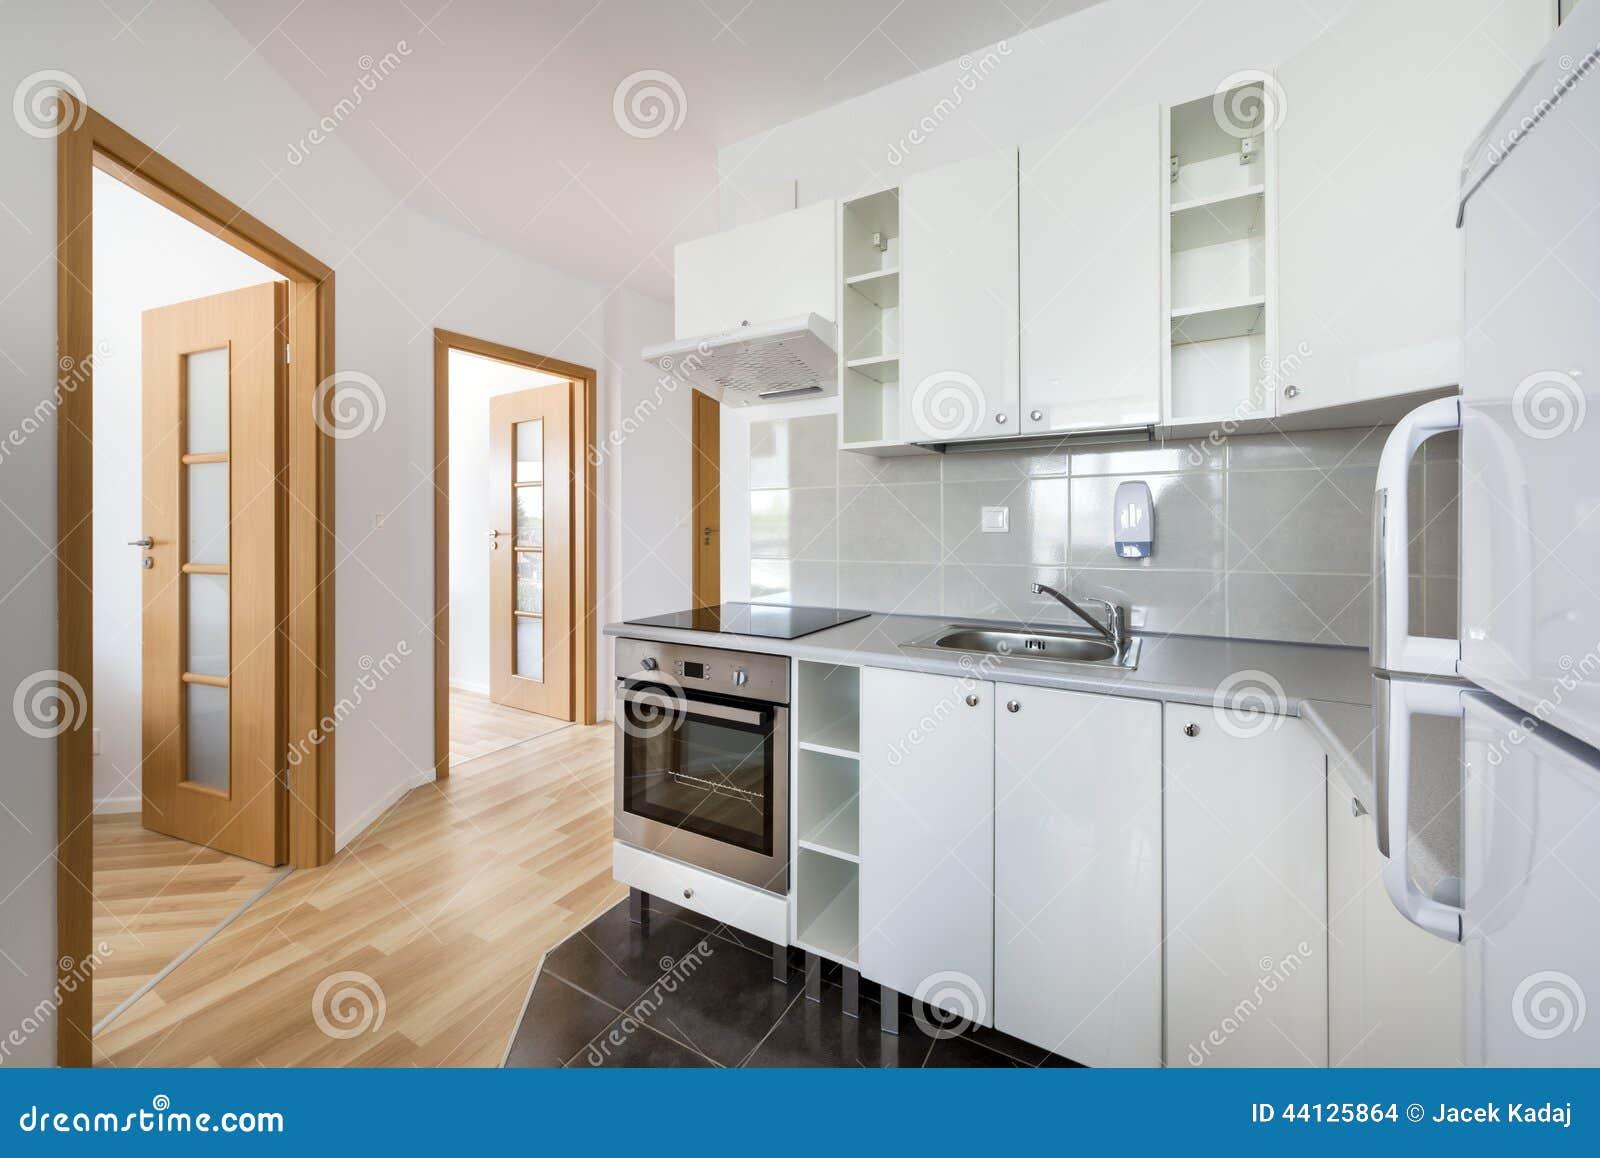 Diseño Interior De La Cocina Moderna Pequeña, Blanca Foto de archivo ...